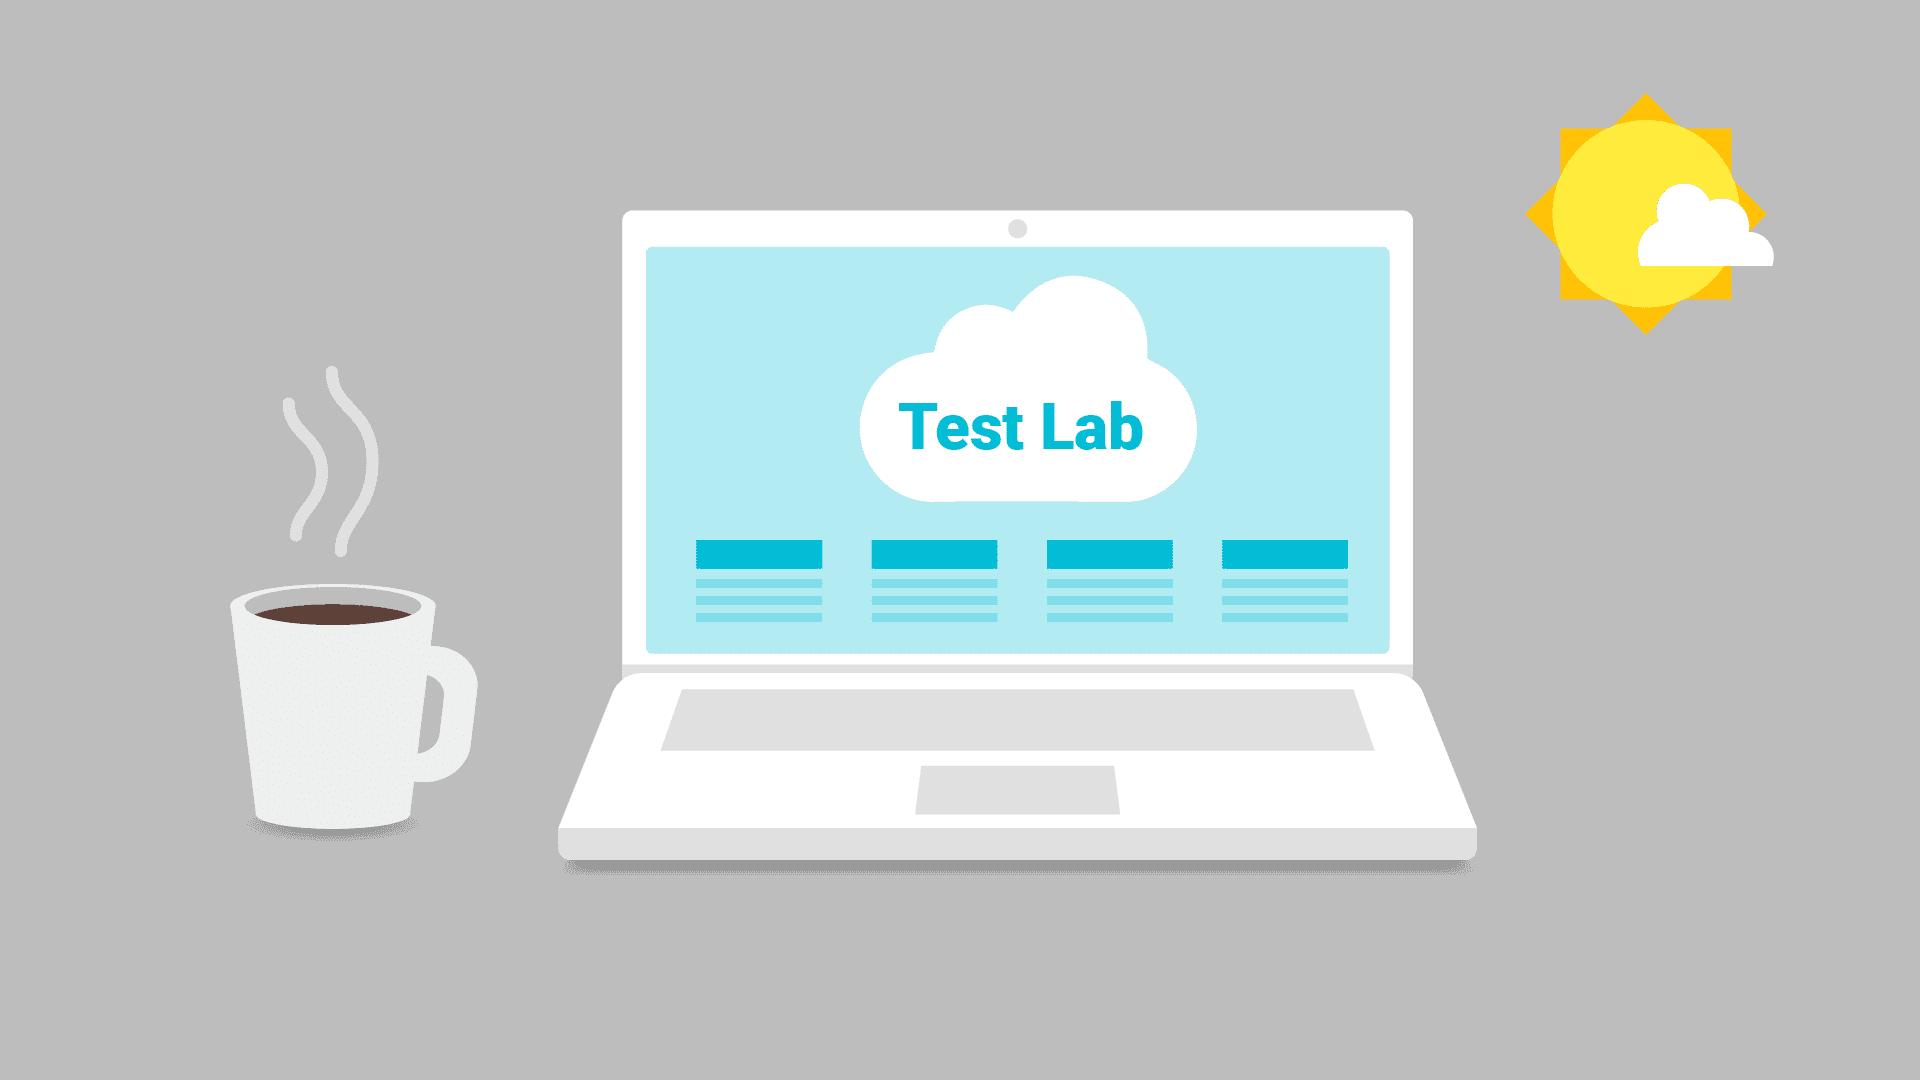 Ekranda Test Laboratuvarı bulunan dizüstü bilgisayar